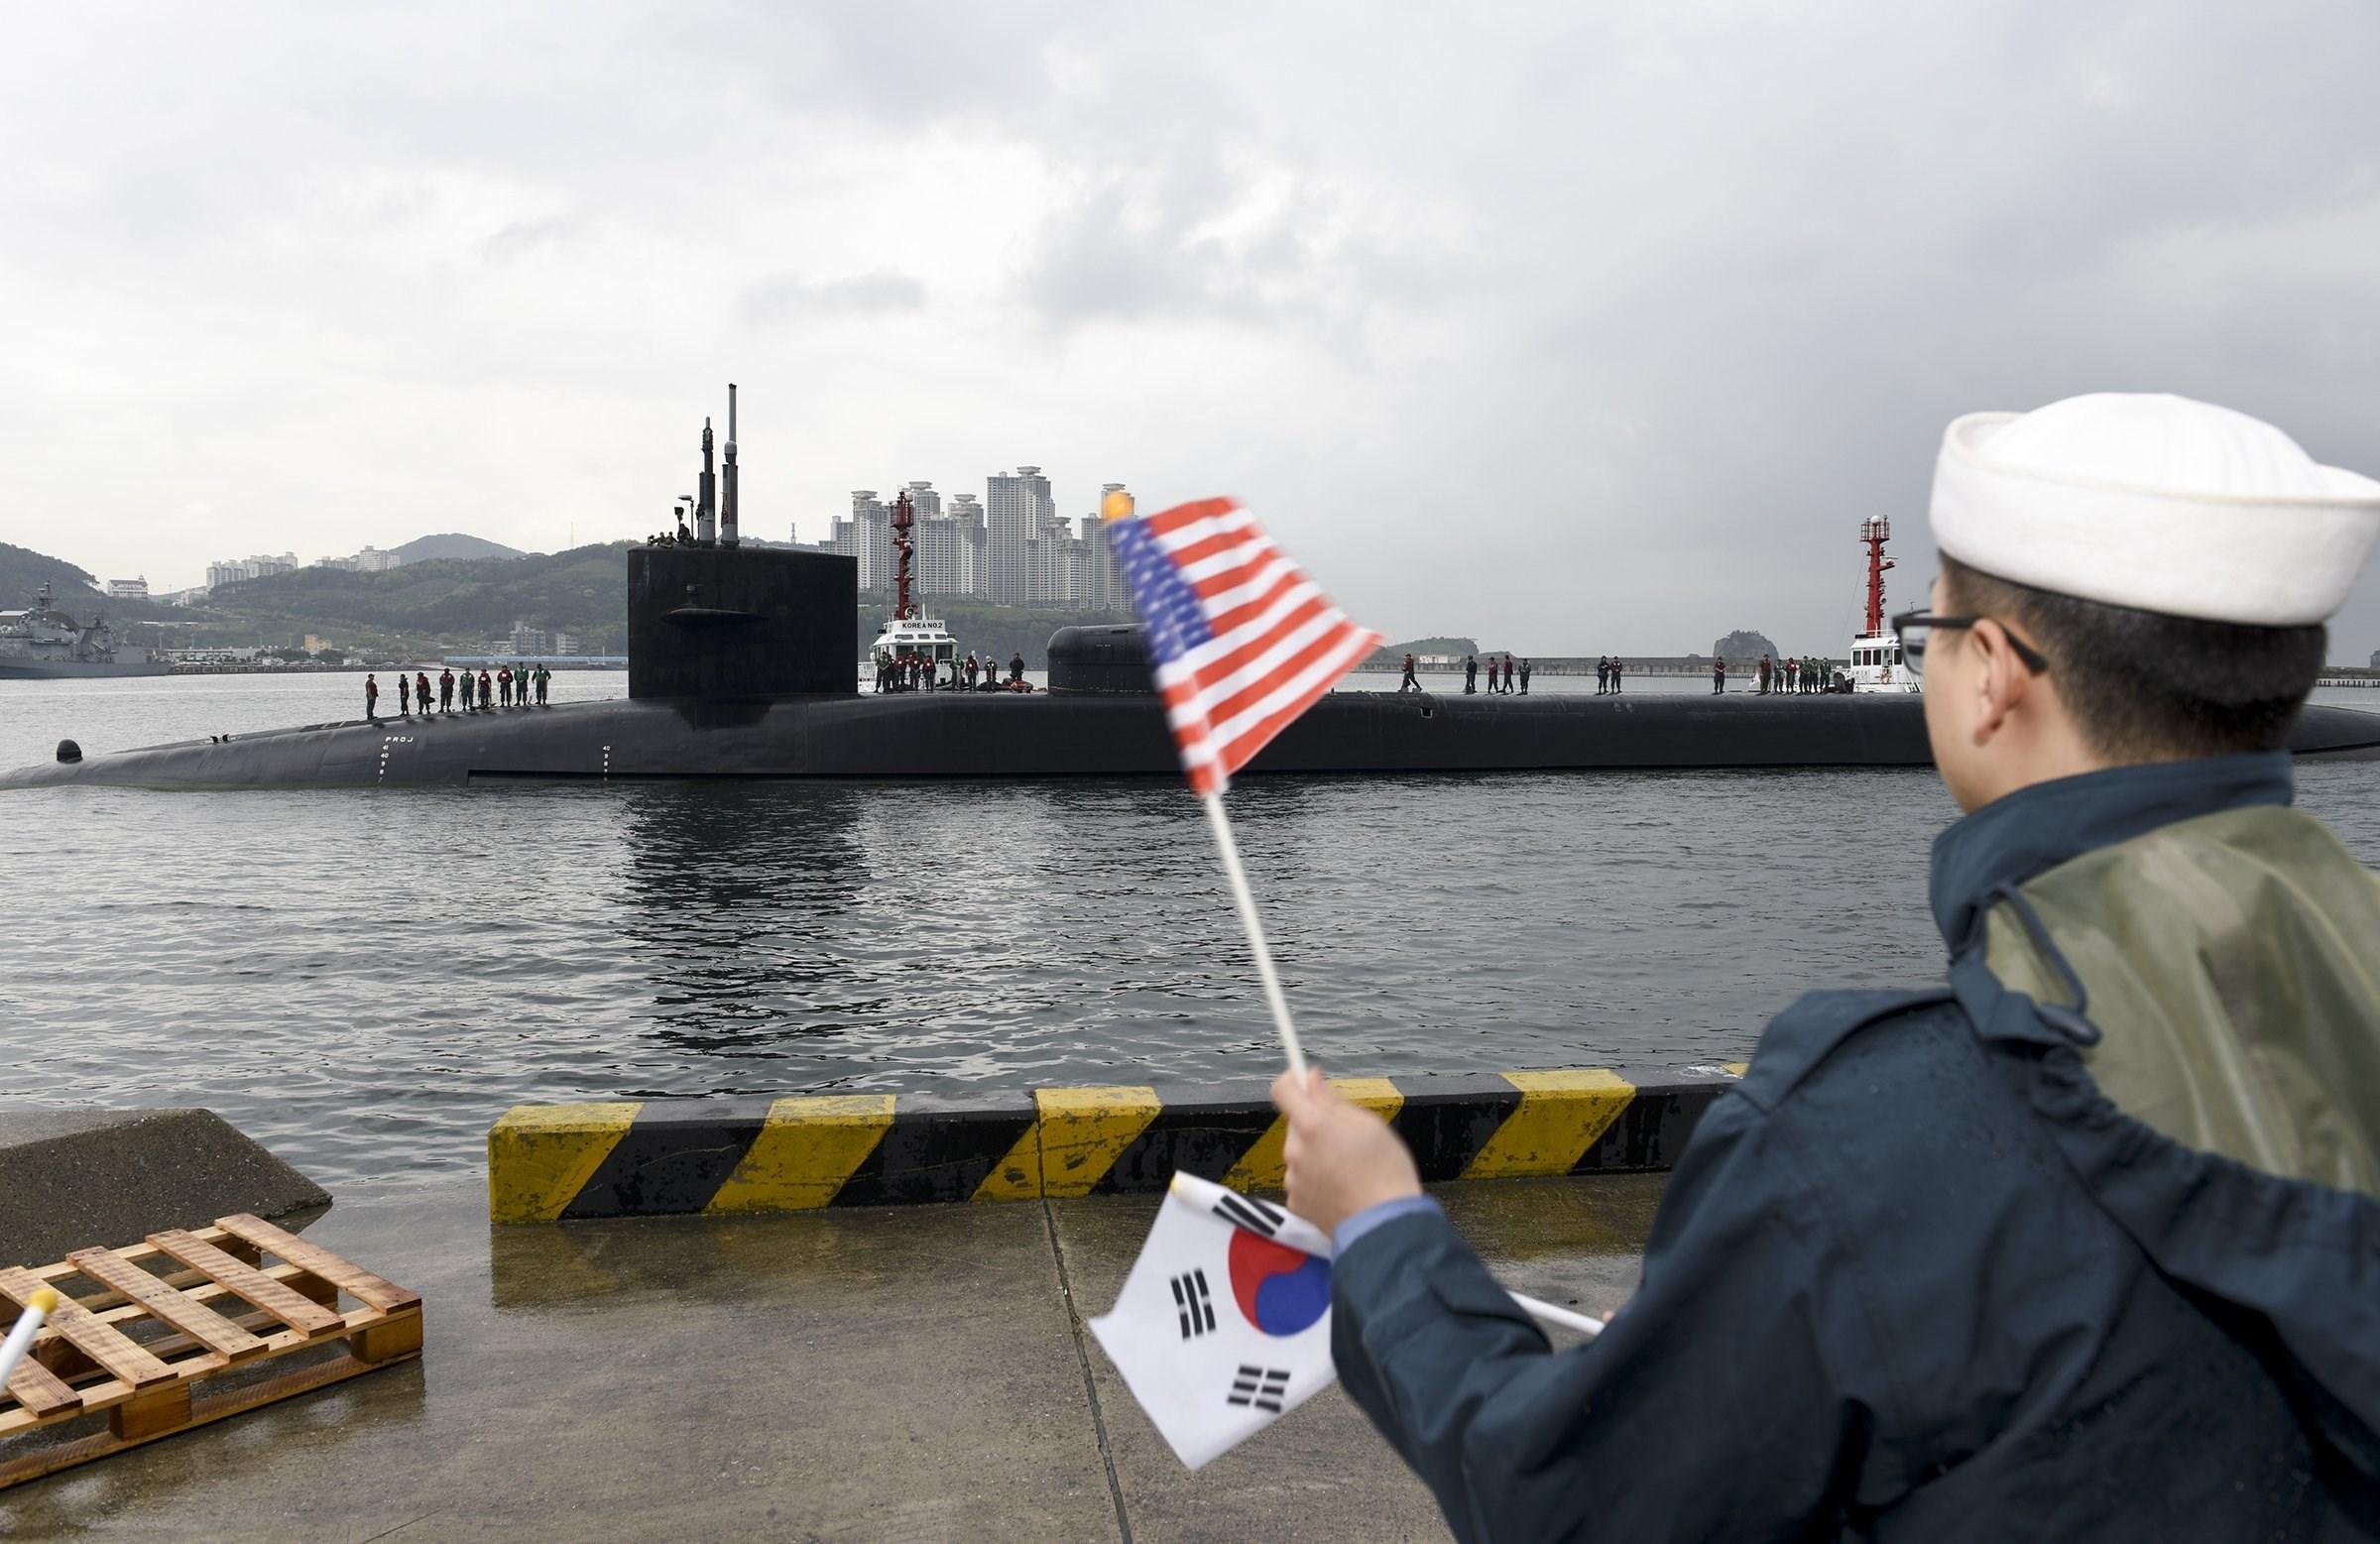 Ανθρωποκυνηγητό σε εξέλιξη στη Β.Κορέα – Navy seals διείσδυσαν στην χώρα – Η Πιονγιάνγκ ετοιμάζεται να πλήξει ΗΠΑ και Ν.Κορέα ως αντίποινα για την απόπειρα δολοφονίας του Κιμ Γιονγκ Ουν! - Εικόνα4